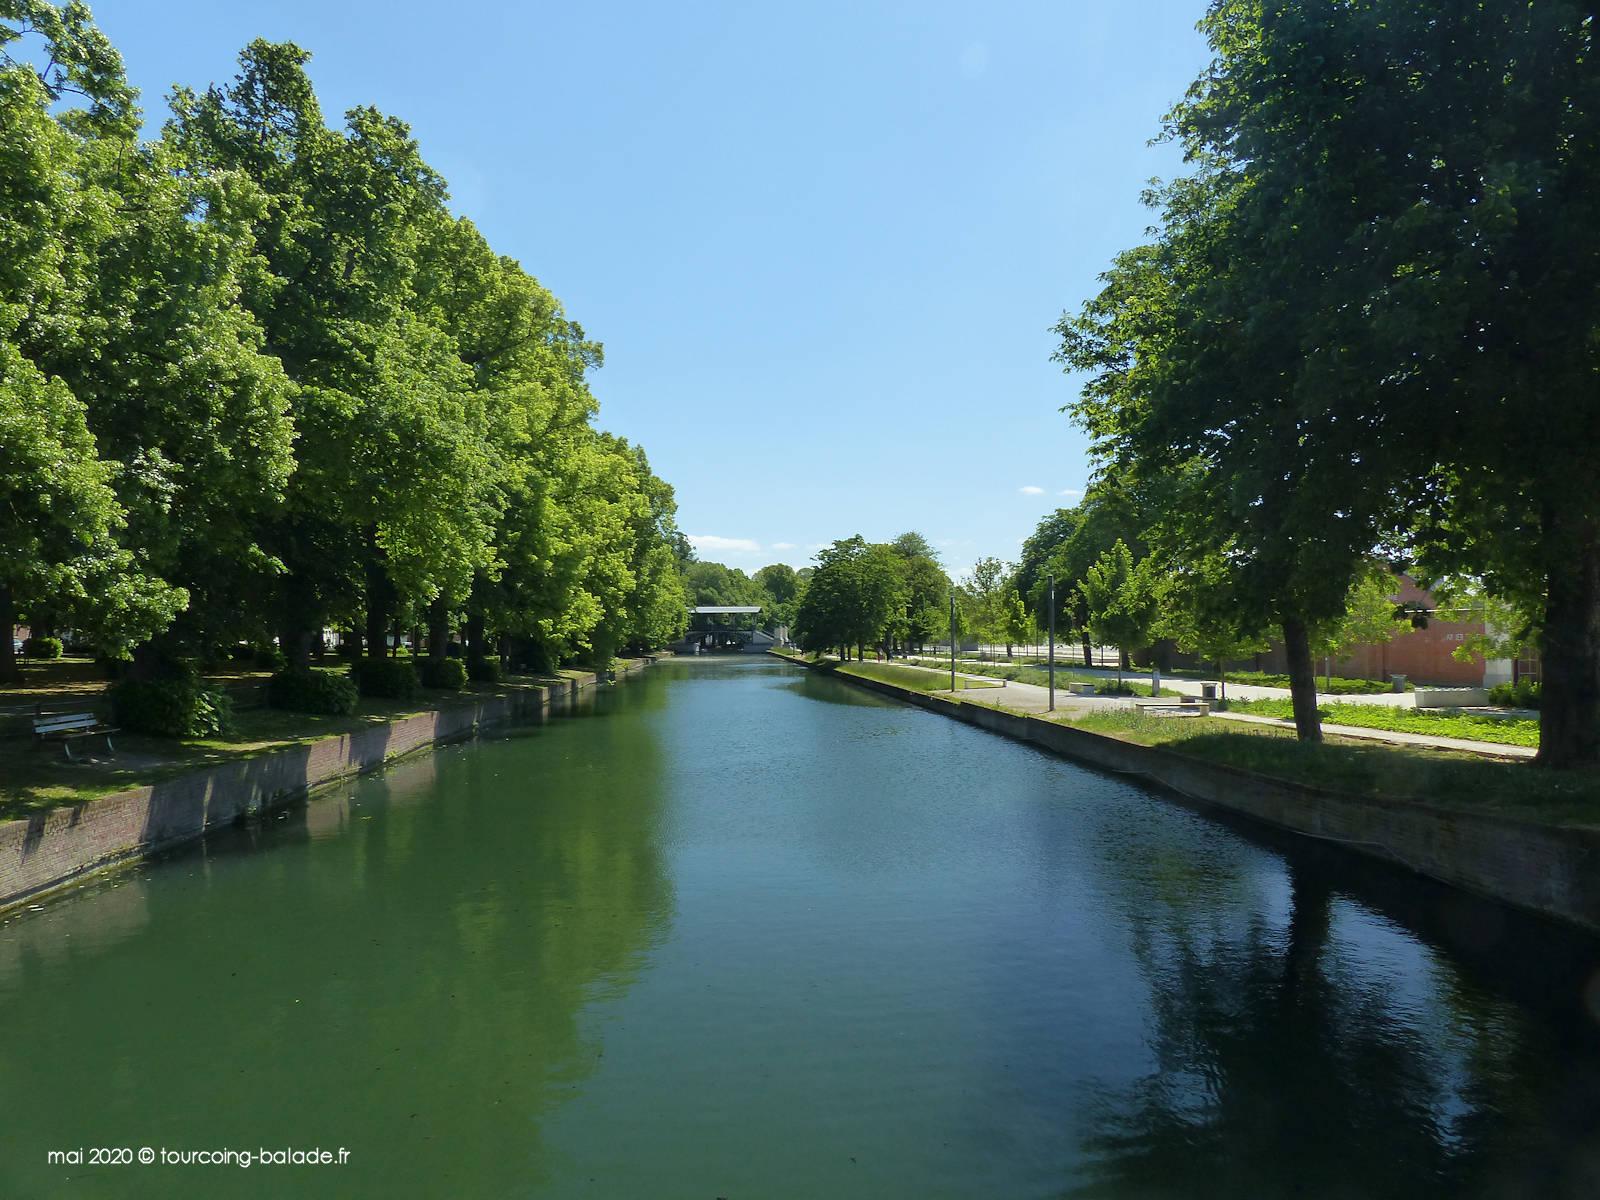 Canal de la Moyenne-Deûle, Lille 2020